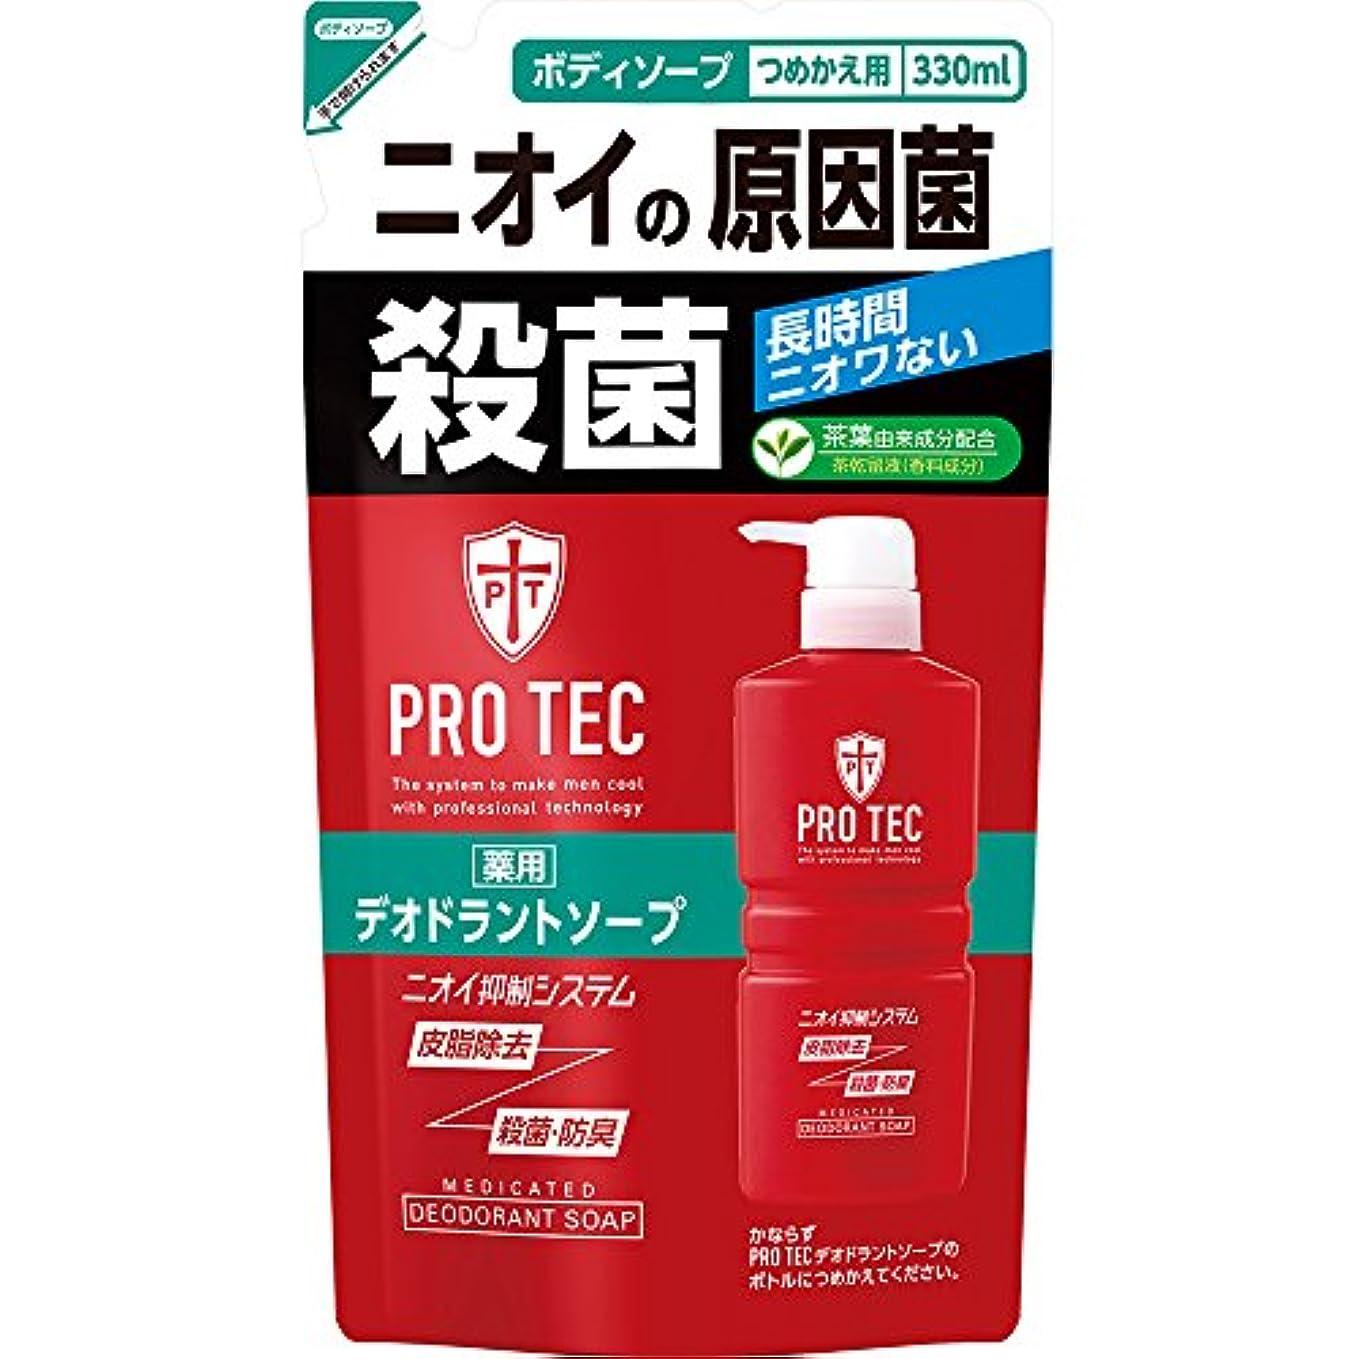 研究所バランスのとれた偏見PRO TEC(プロテク) デオドラントソープ 詰め替え 330ml(医薬部外品)